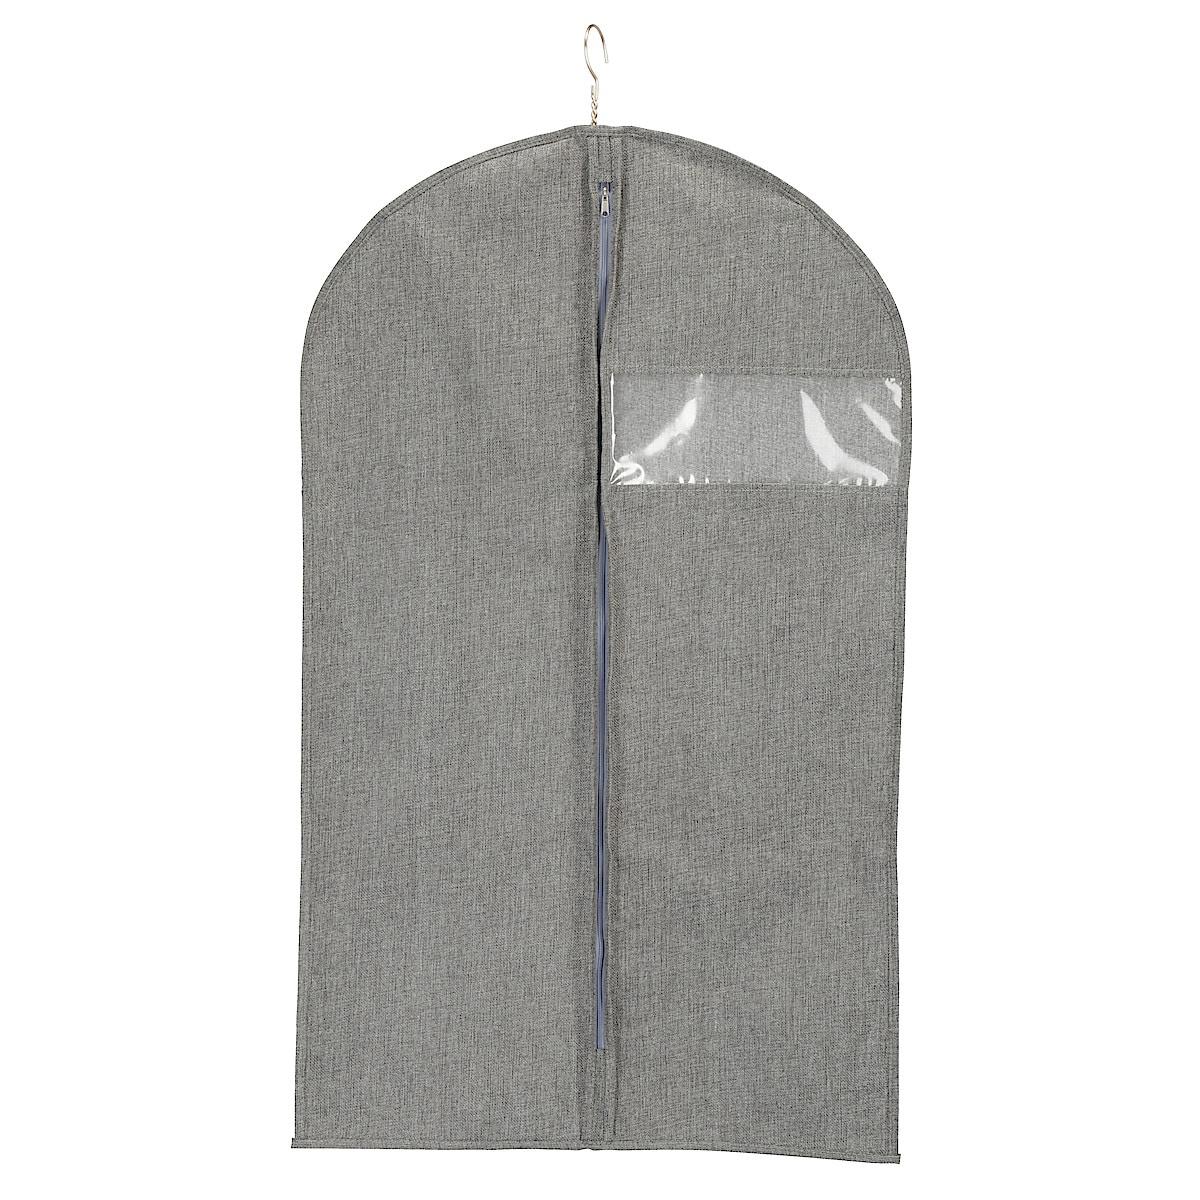 Klädpåse med dragkedja hängande